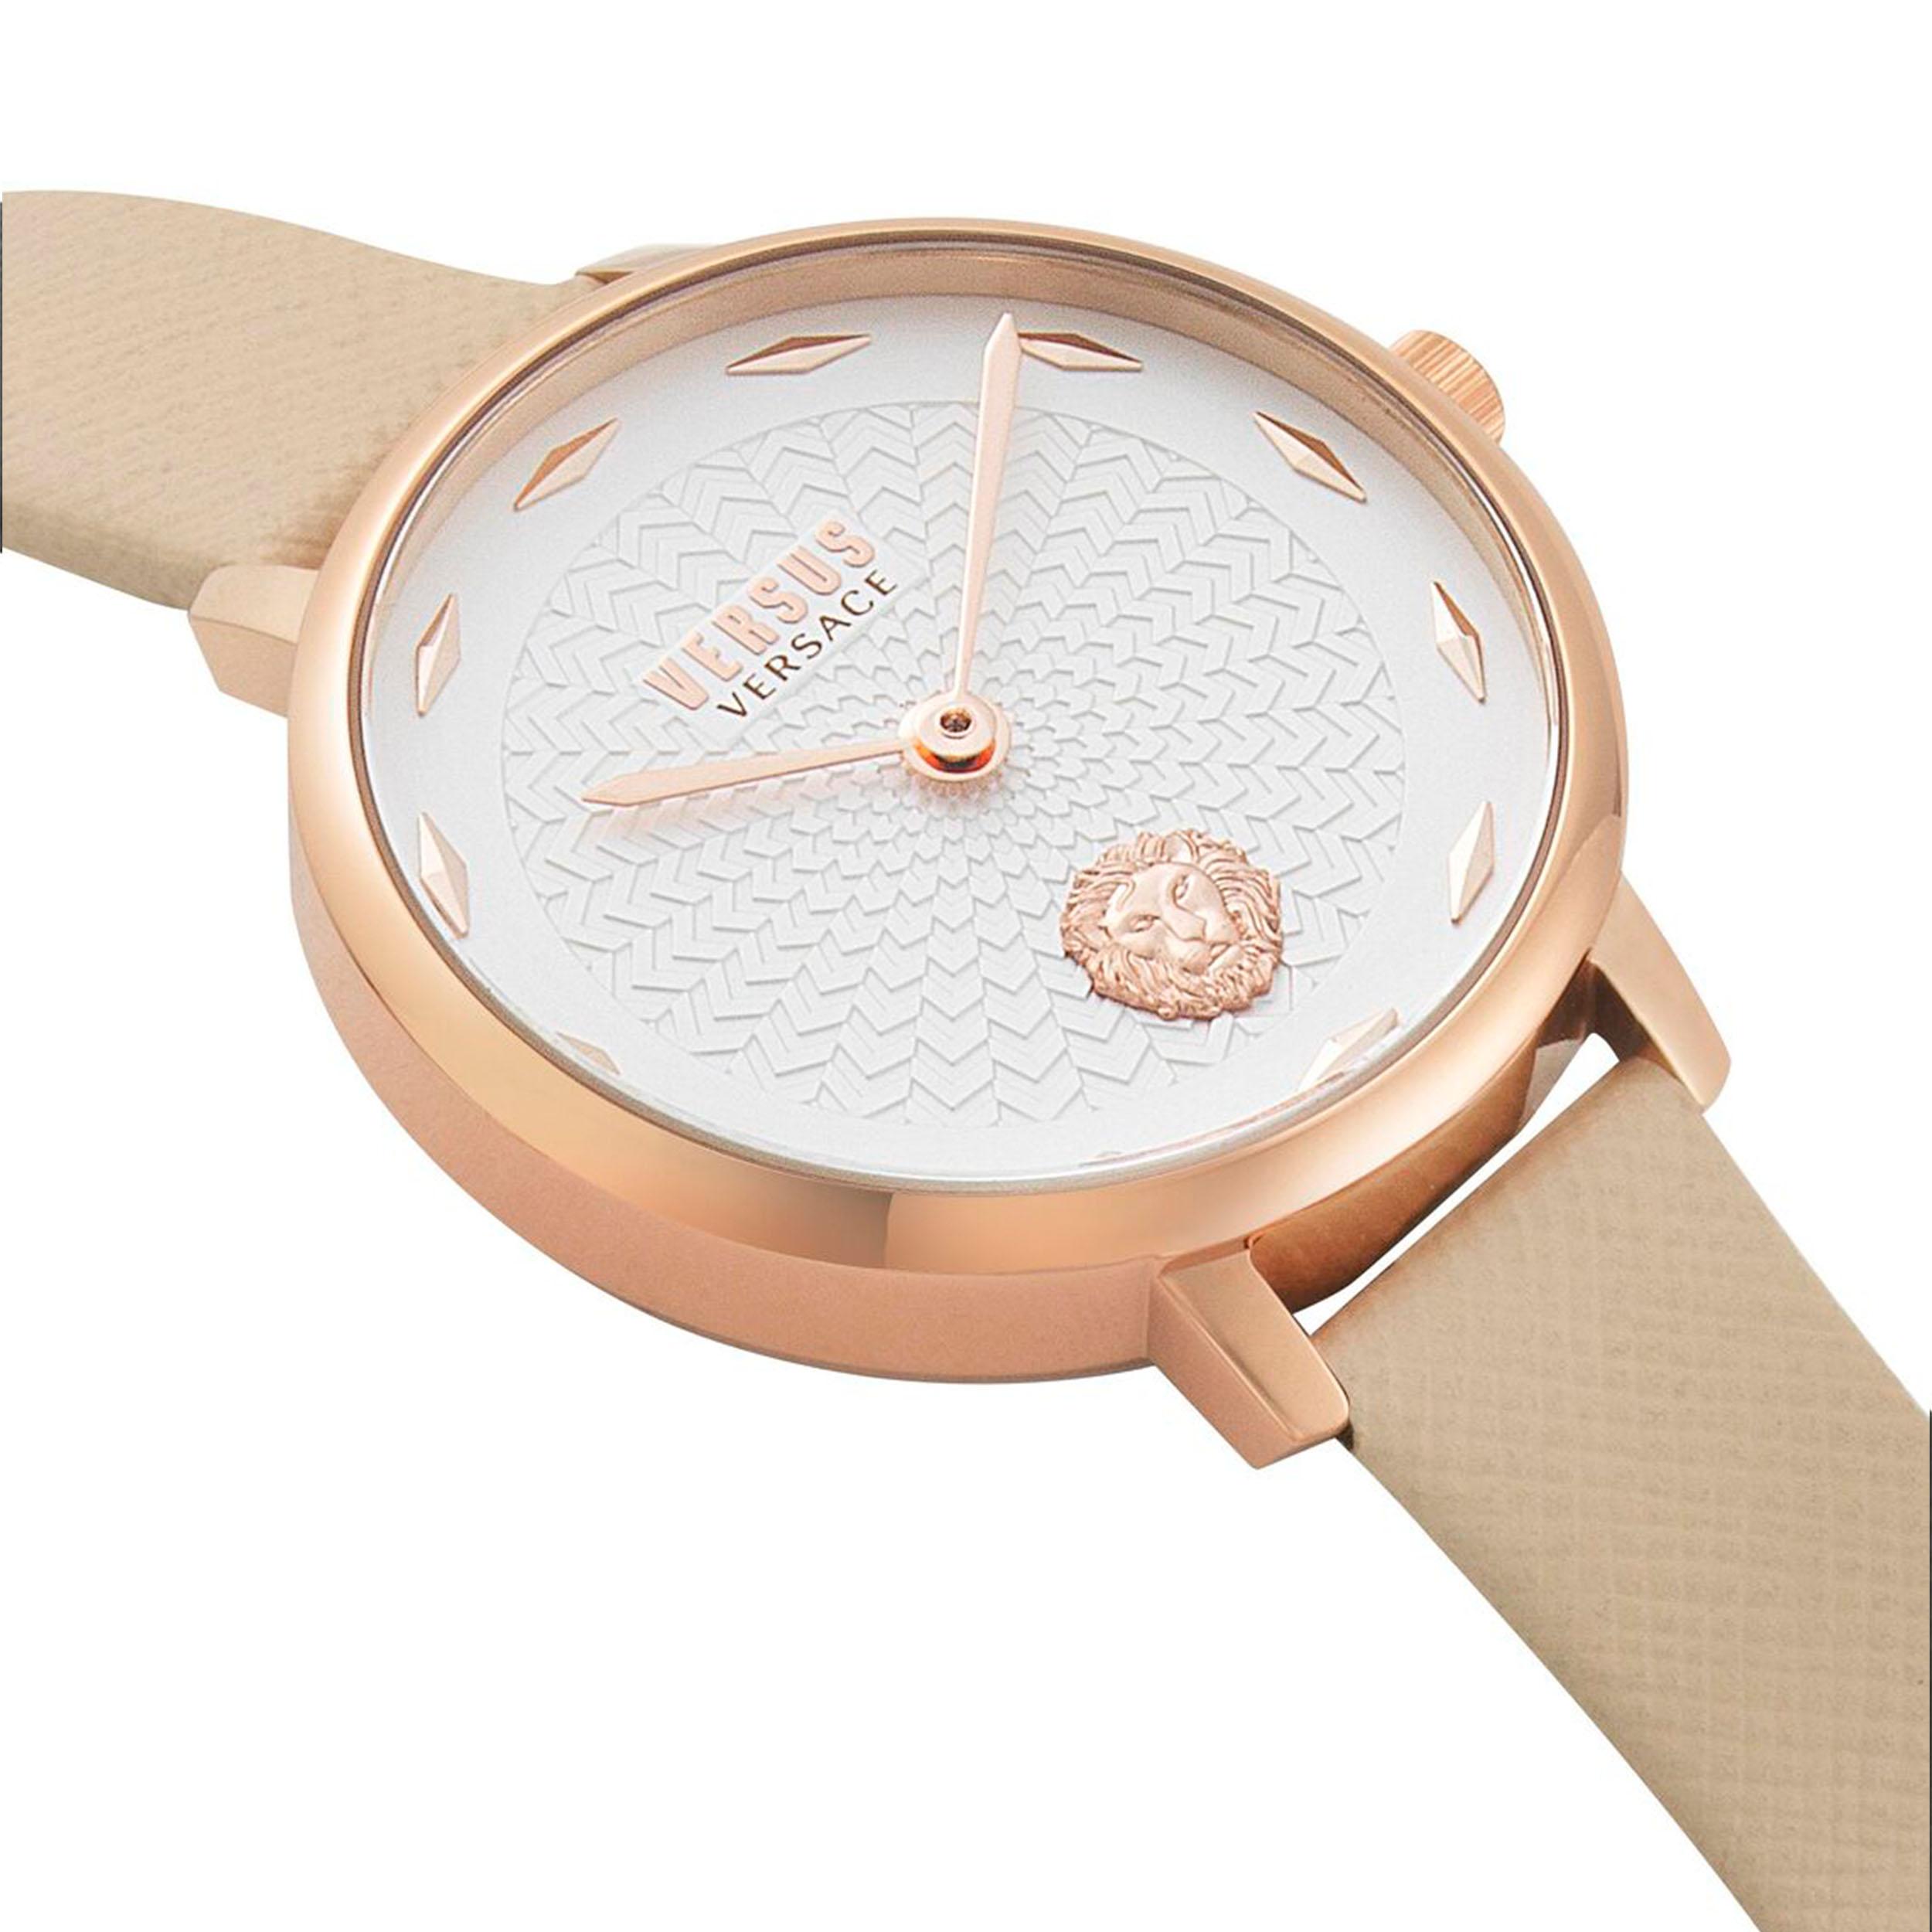 ساعت مچی عقربه ای زنانه ورسوس ورساچه مدل VSP1S0619              ارزان